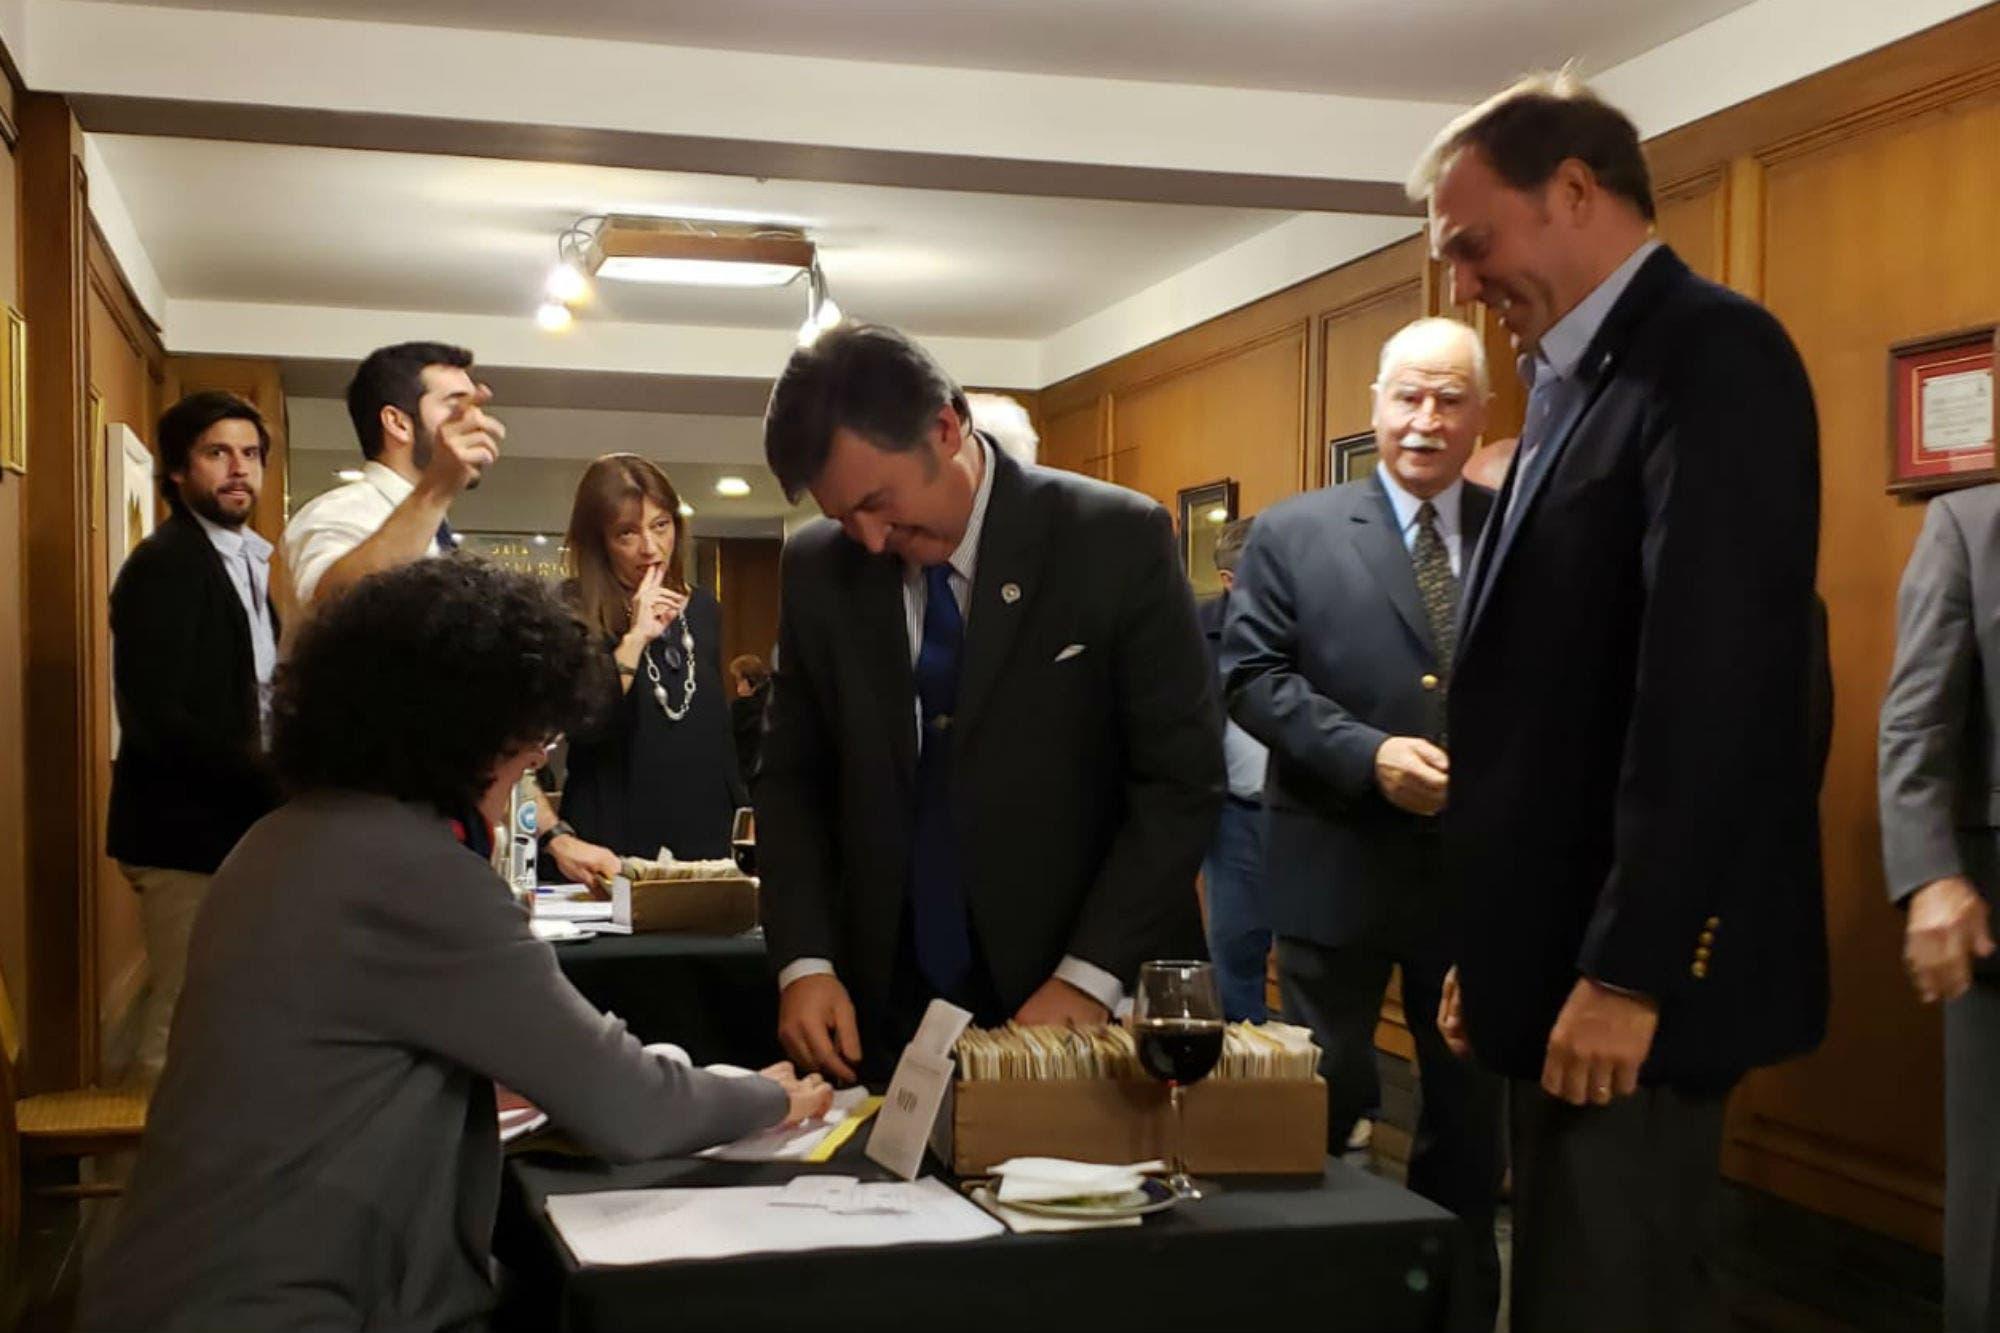 La Rural: el oficialismo ganó las elecciones para renovar directores